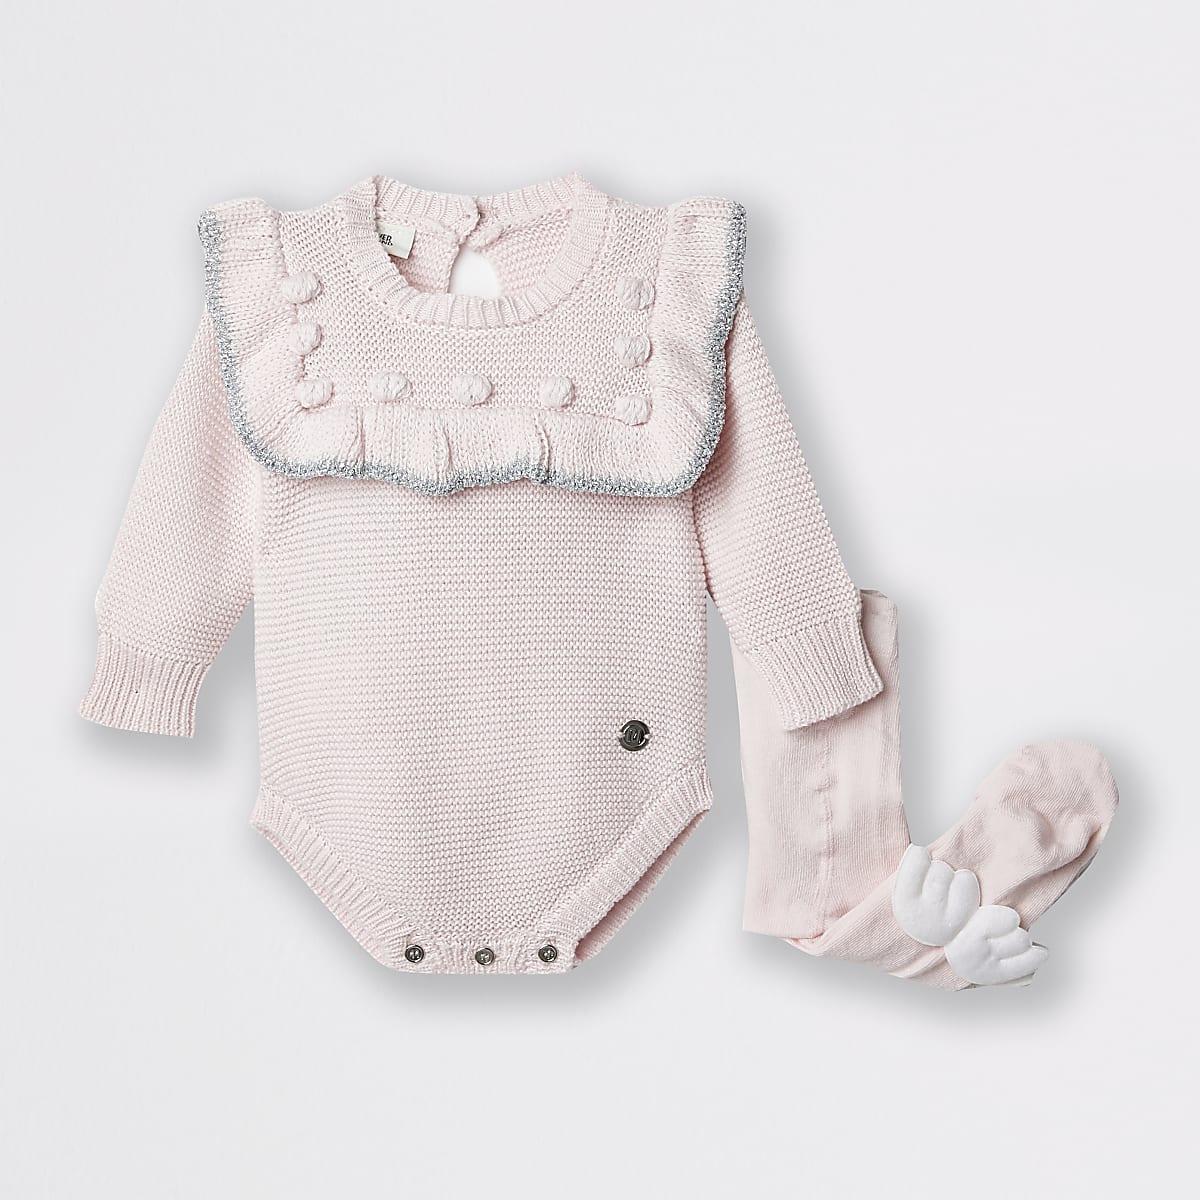 Roze outfit met bolletjes voor baby's